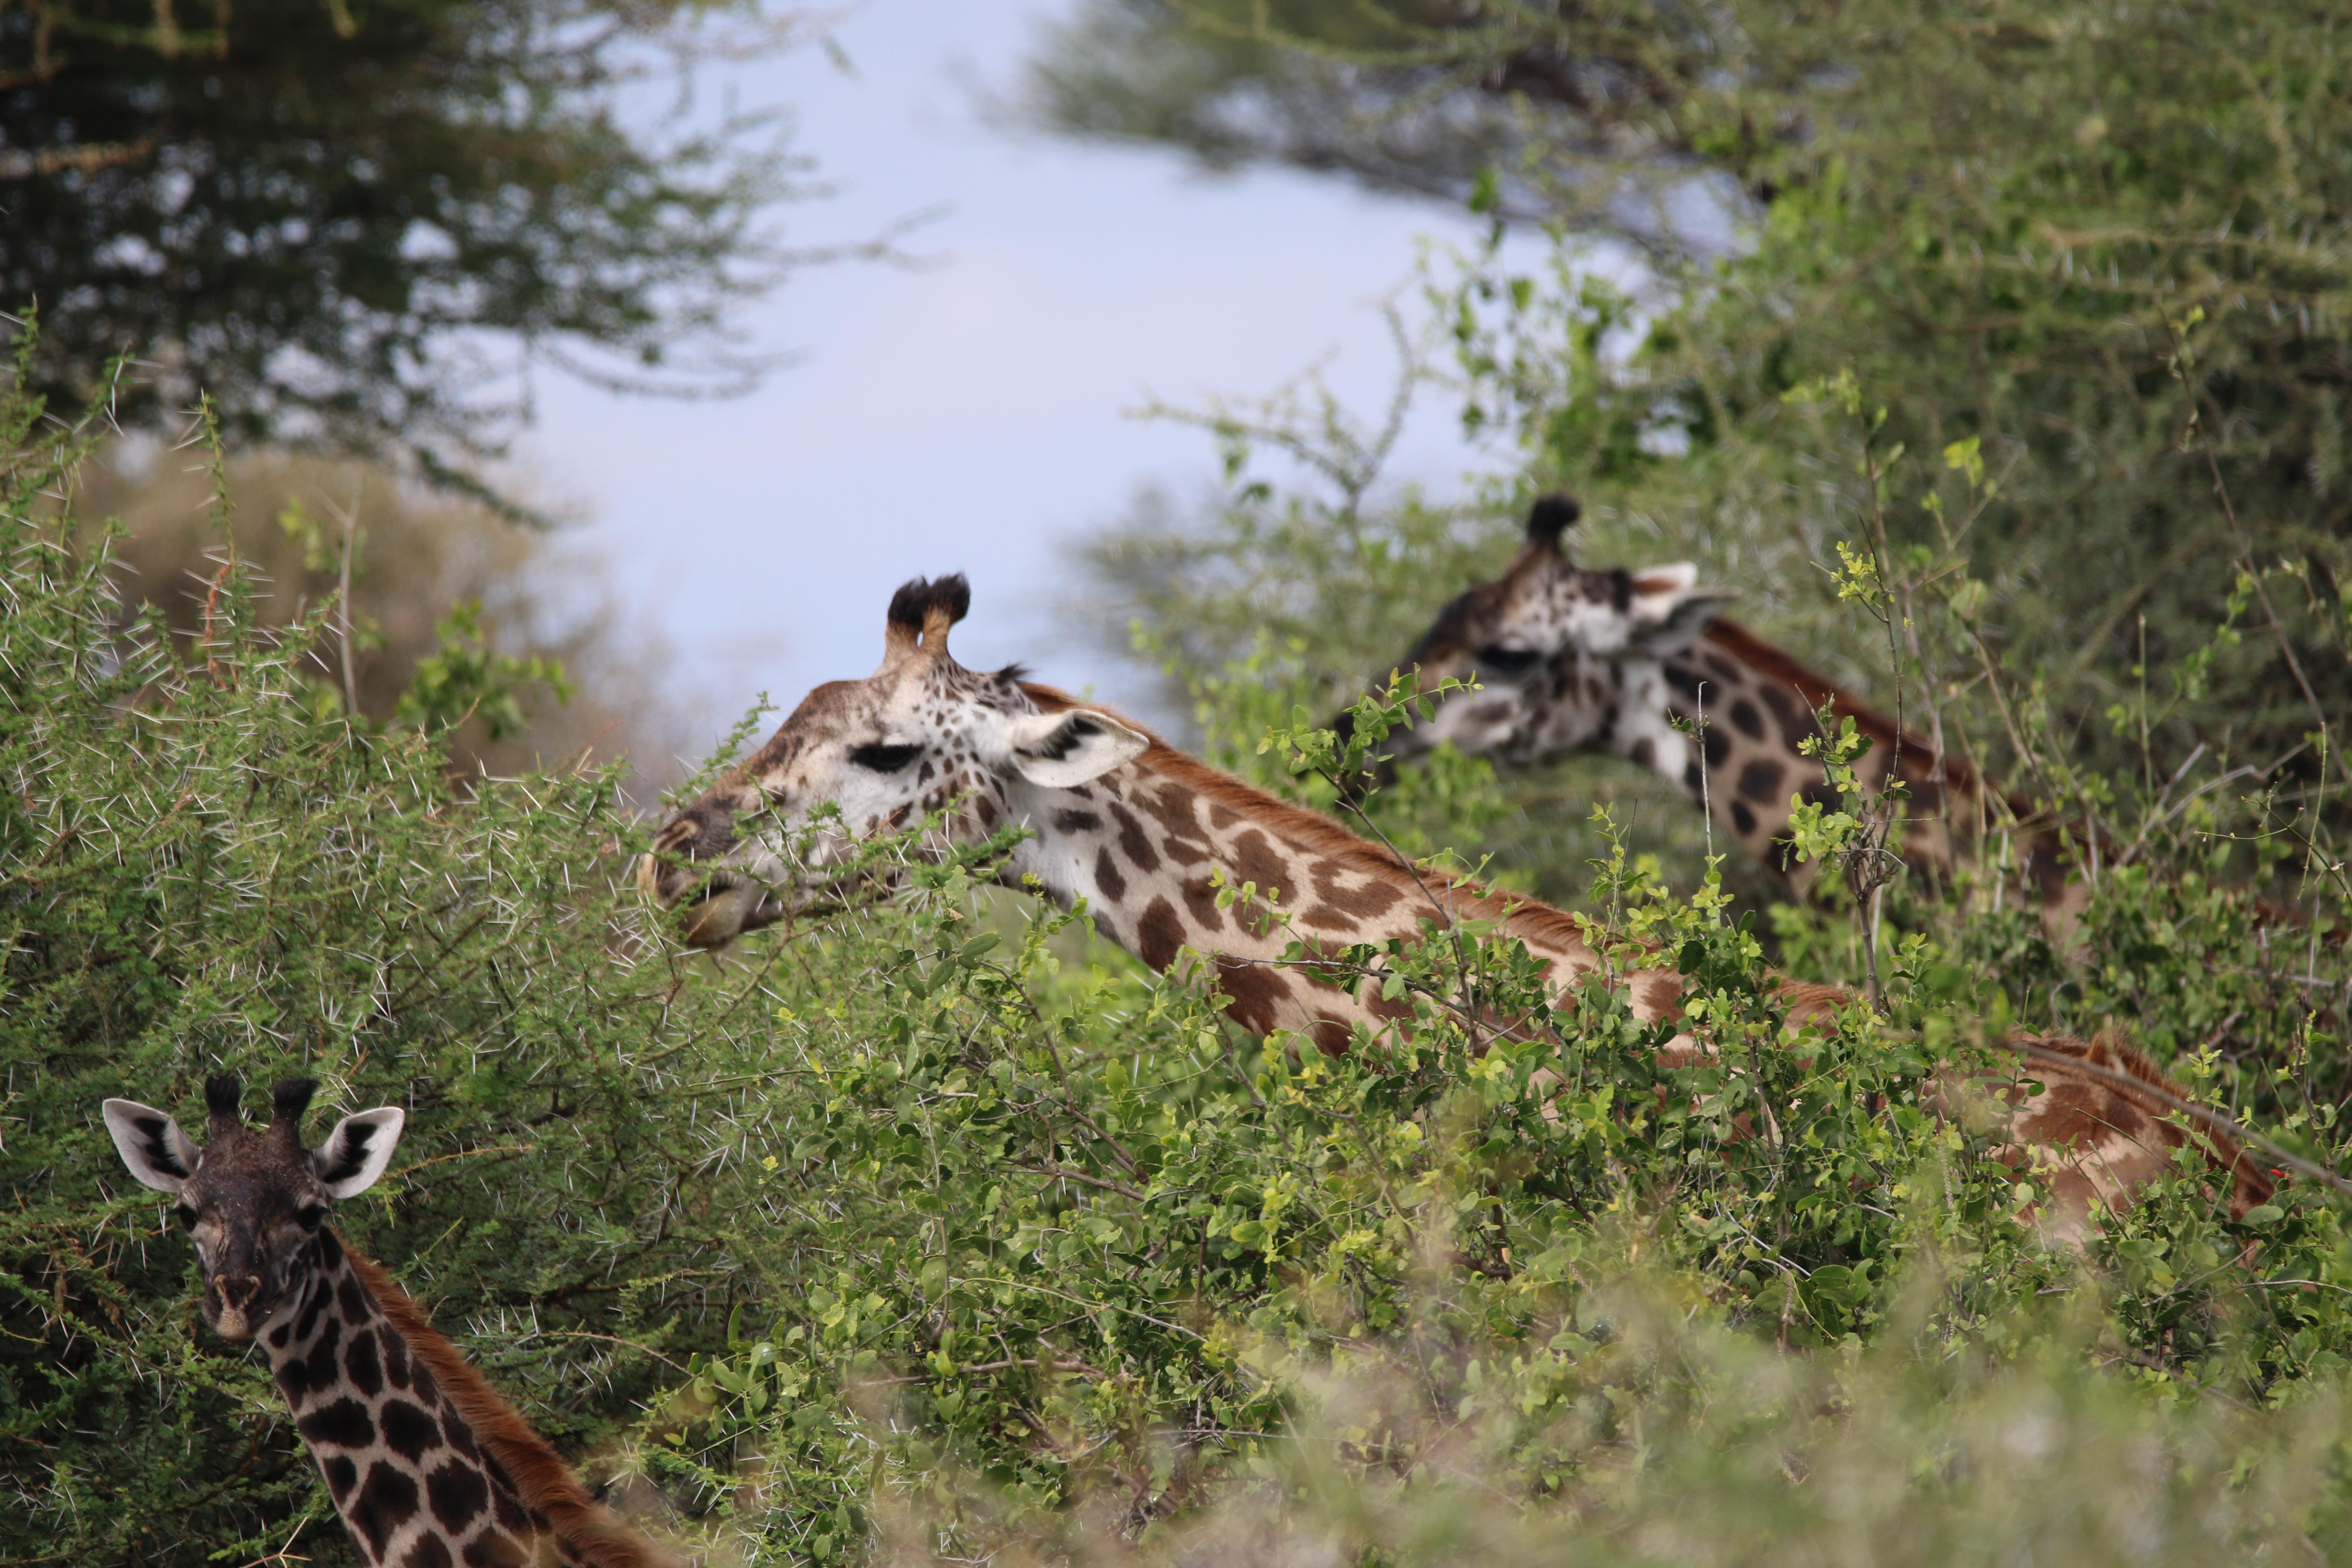 上图:东非的长颈鹿在长满荆棘的皂荚树(Acacia)上舔吃树叶,荆棘完全不妨碍长颈鹿灵巧的舌头,也不会扎着长颈鹿的脖子。神造荆棘,也是可以提供动物做食物的。